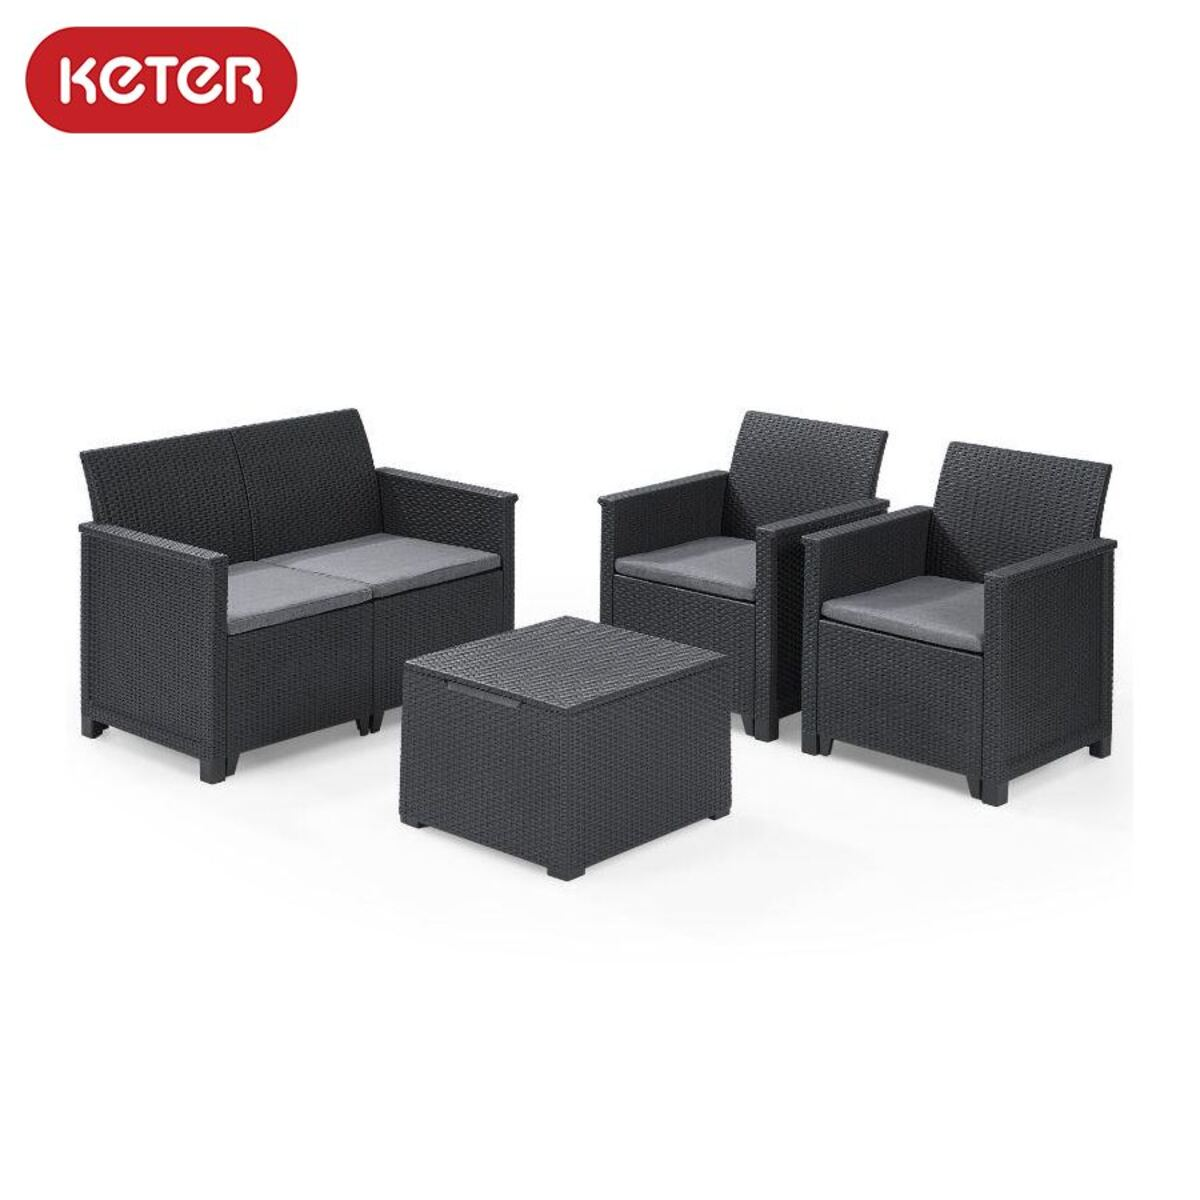 Bild 1 von Keter Lounge-Sitzgruppe Emma mit Sitzkissen Graphit